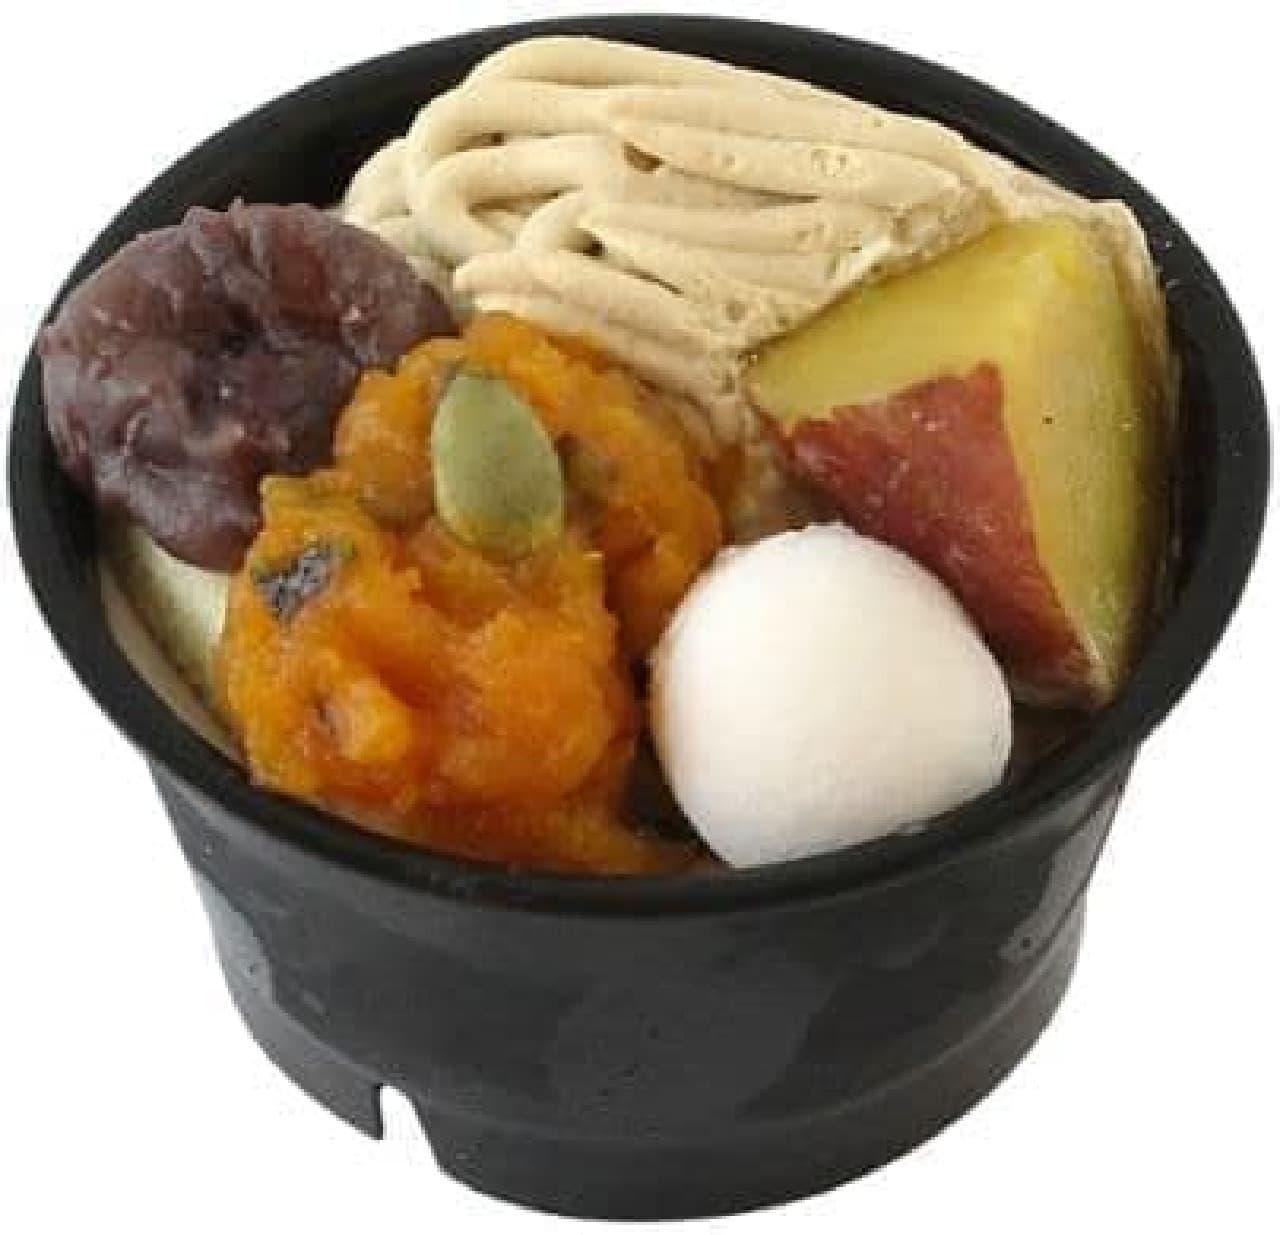 ファミリーマート「秋の味覚ぱふぇ」